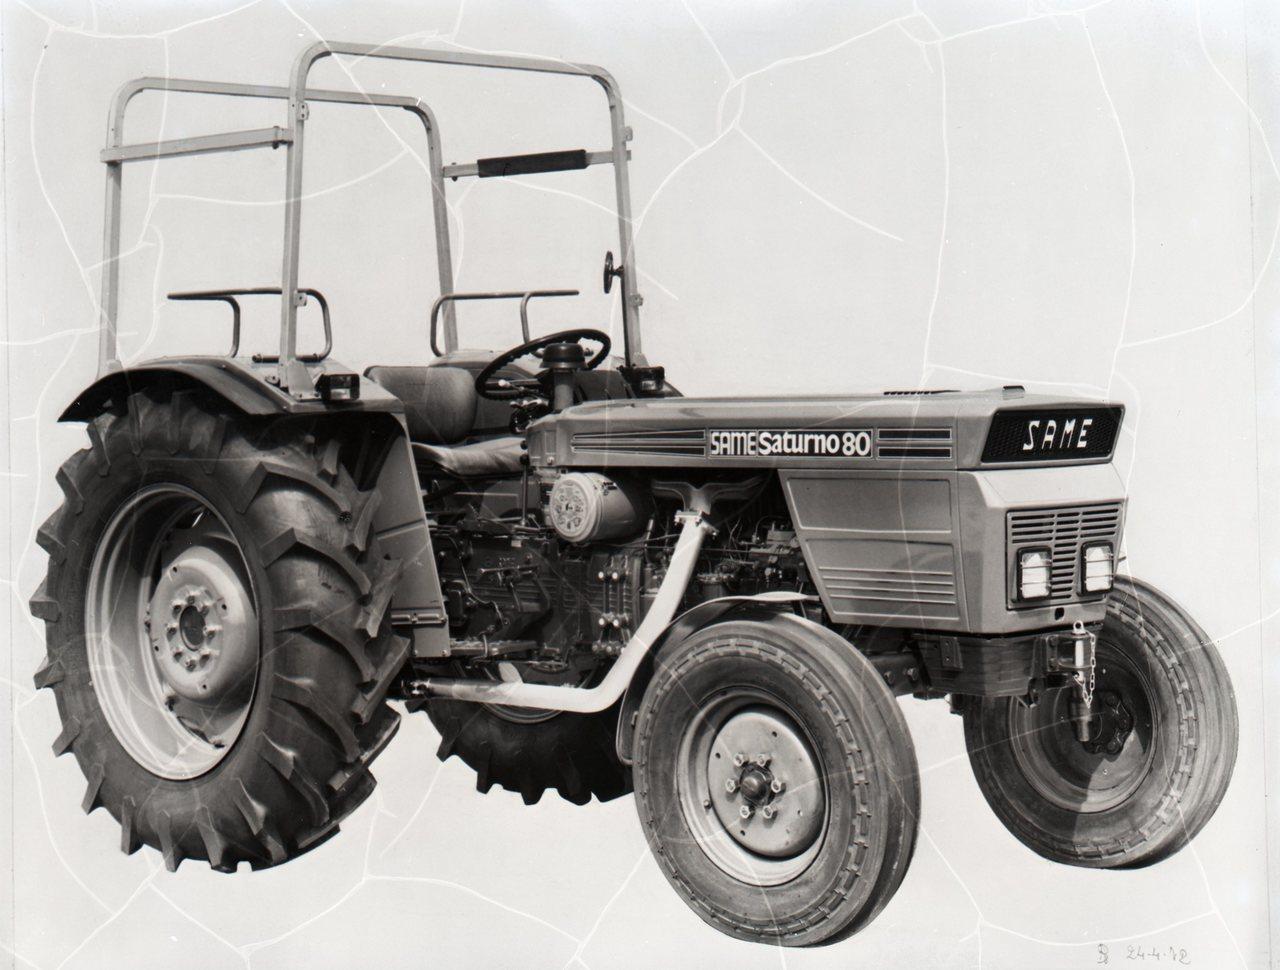 [SAME] trattore Saturno 80 2RM